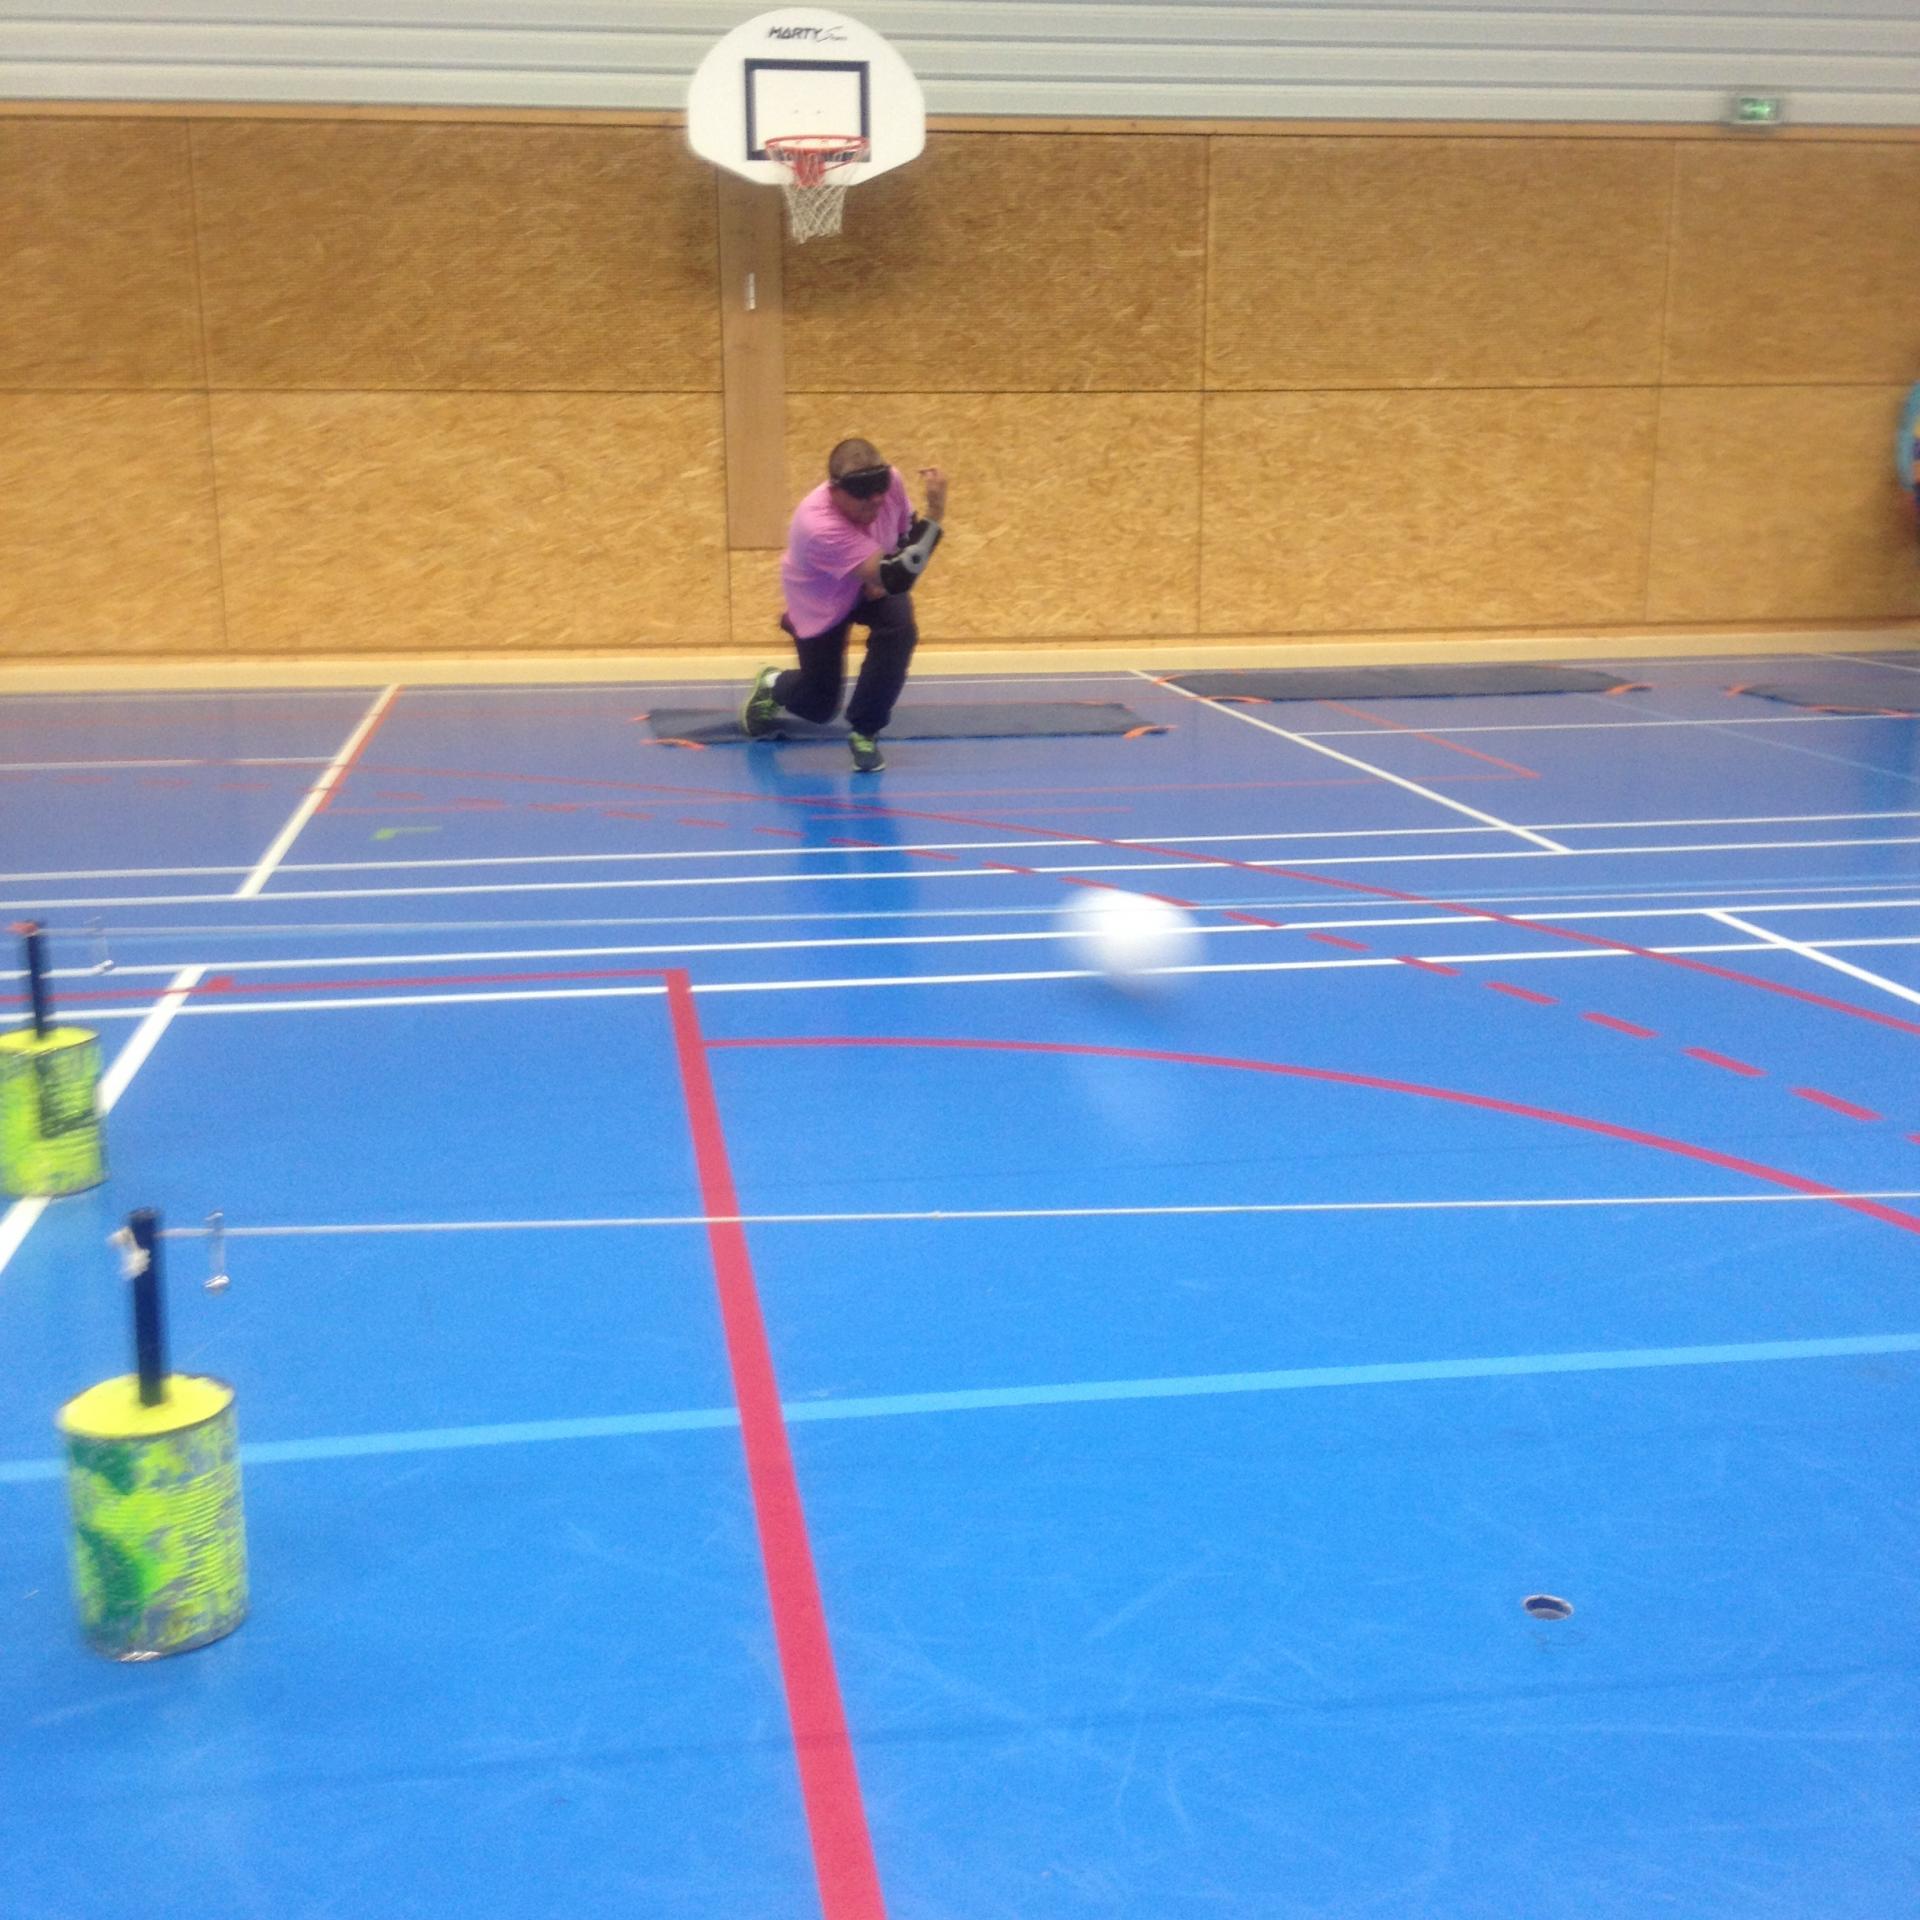 Lancer de ballon avec la main pour marquer un but